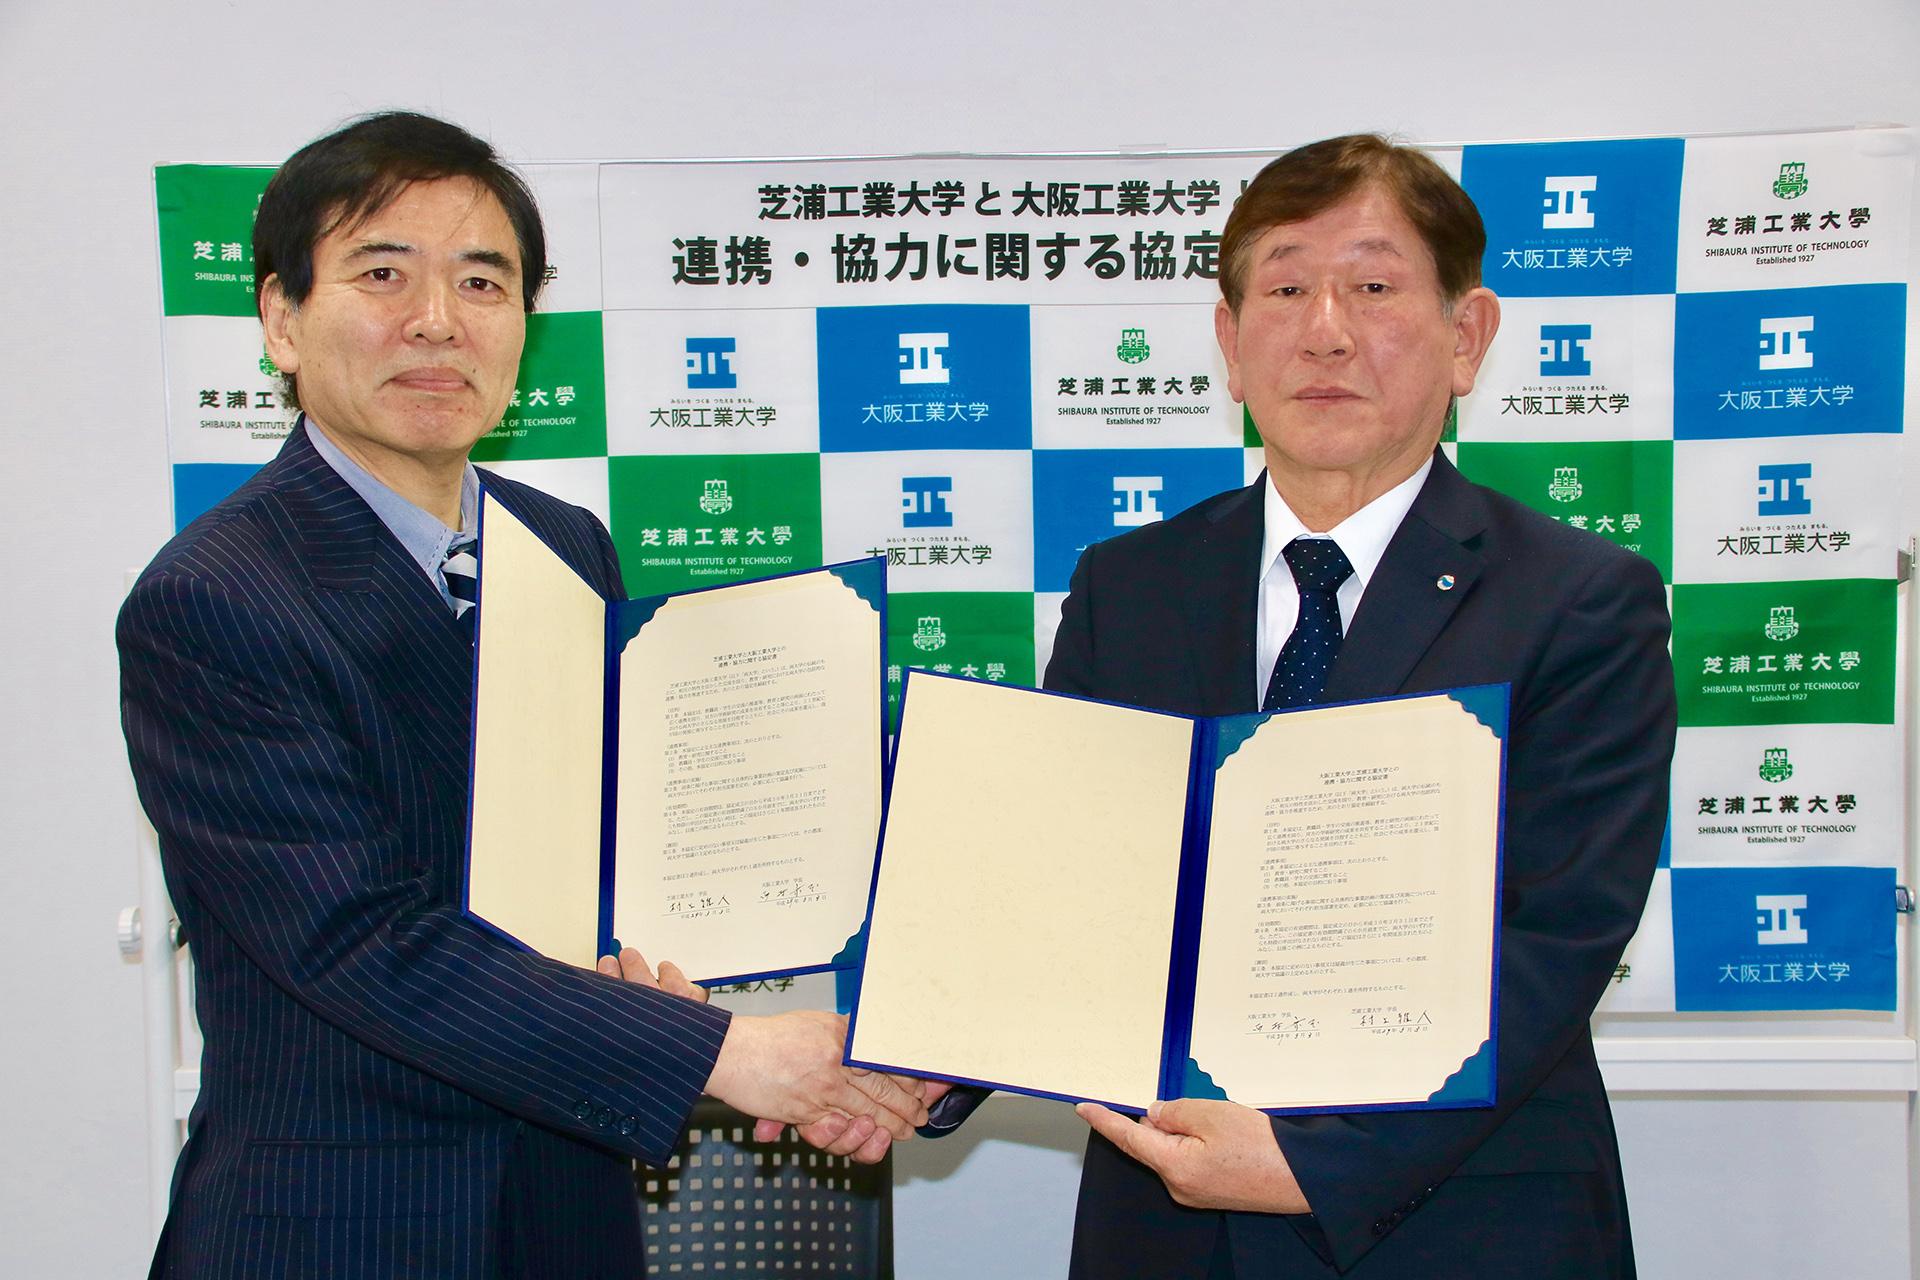 芝浦工業大学 -- 「大阪工大」と「芝浦工大」が連携協定を締結 ~連携を通して高度な理工学人材育成を目指す